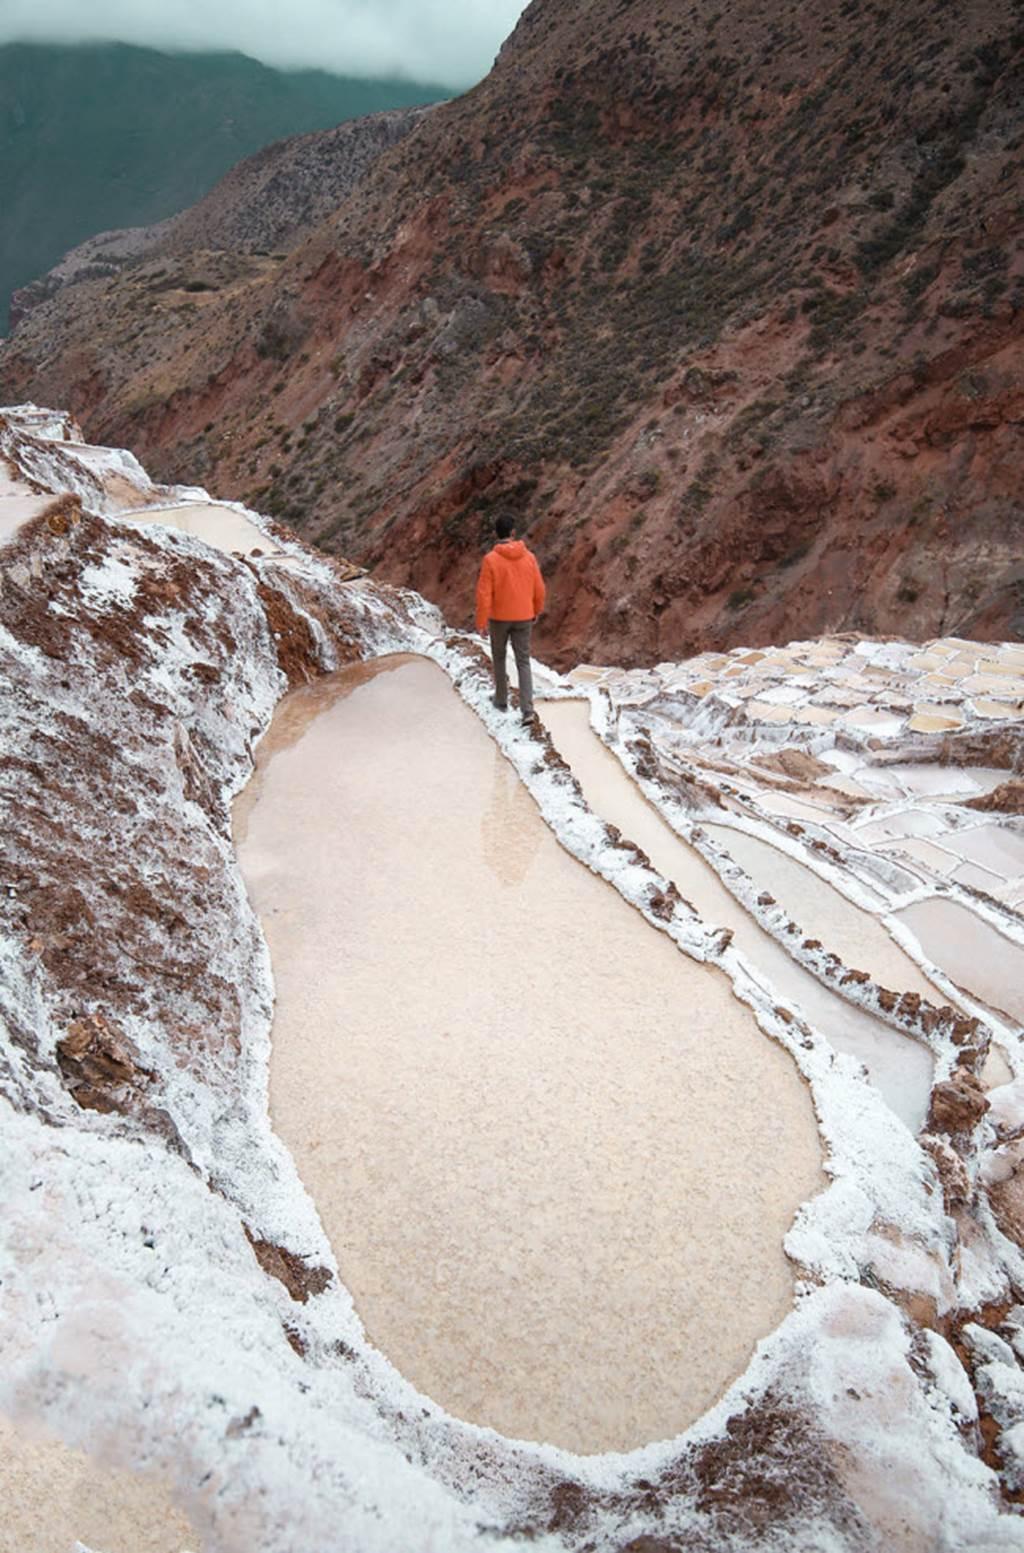 Hồ muối bậc thang đẹp lạ kỳ, ngỡ như hành tinh khác-6